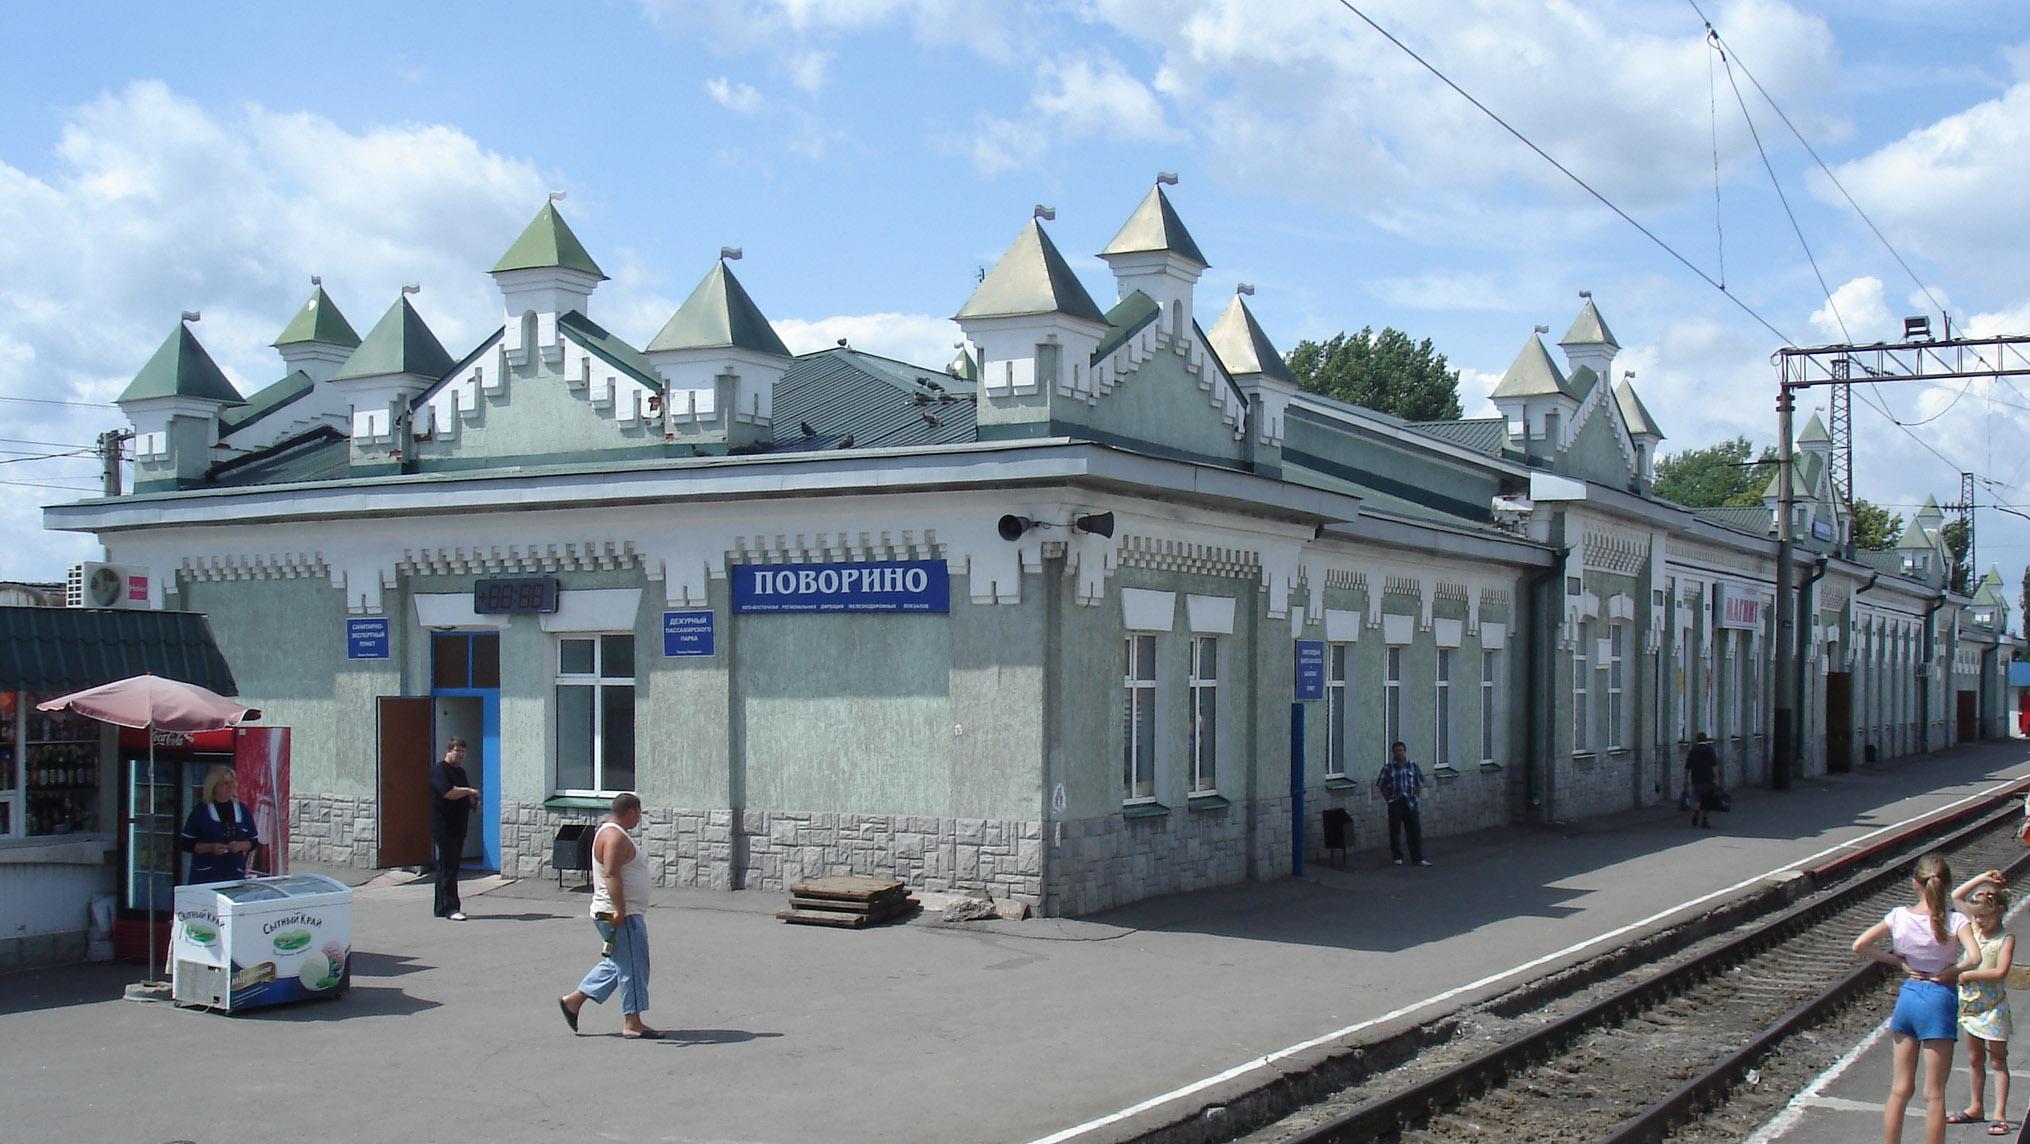 Работа в поворино лучшие модельные агентства в москве